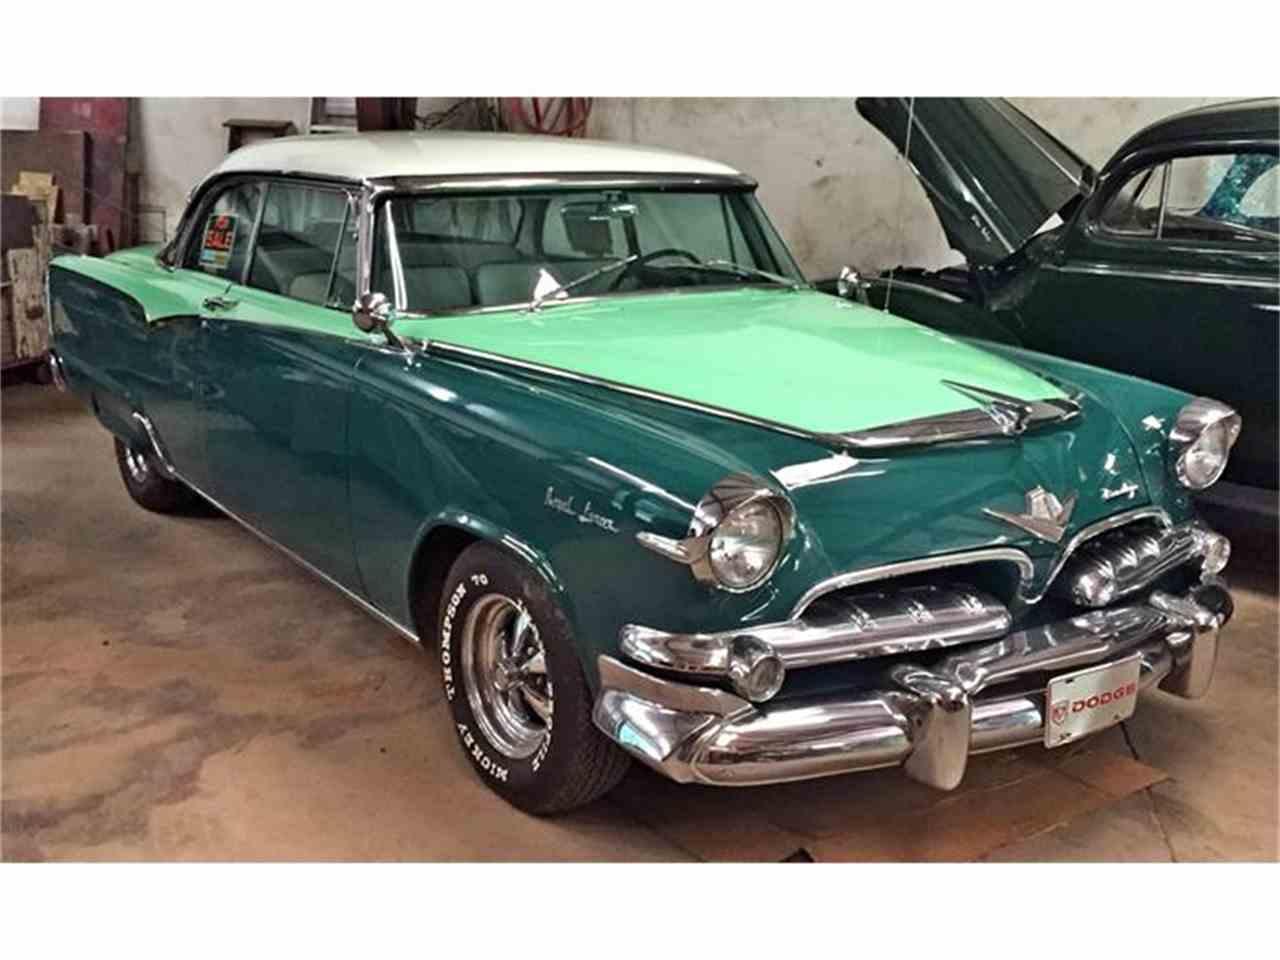 1955 dodge custom royal lancer 4 door sedan 15699 - 1955 Dodge Royal Lancer For Sale Cc 858274